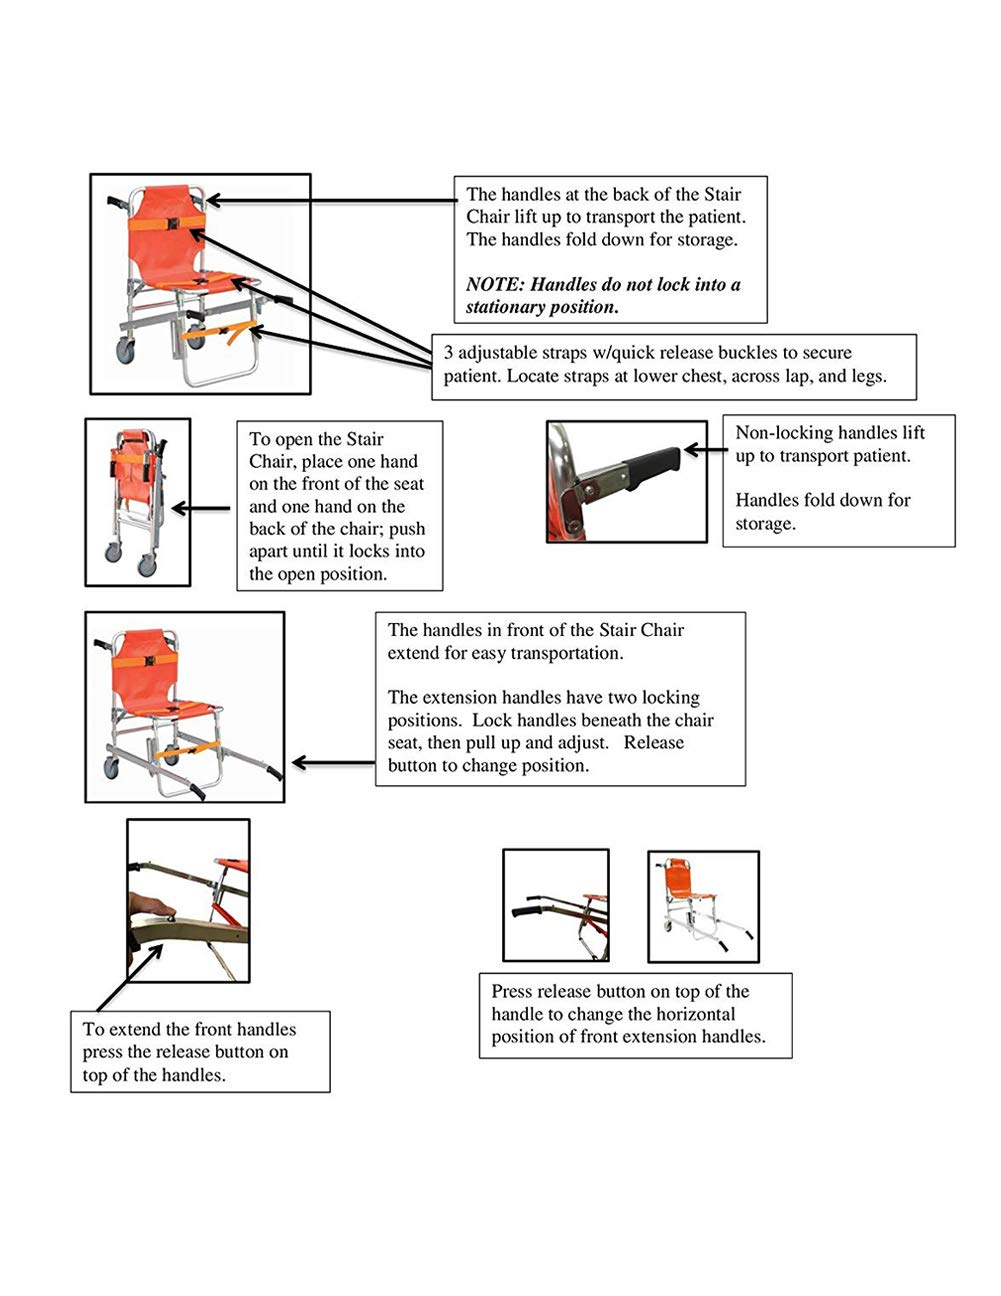 Silla De Escalera - Aluminio Bomba De Ambulancia Ligera Bomba De Evacuación Médica Silla De Escalera Con Hebillas De Liberación Rápida, Naranja: Amazon.es: ...